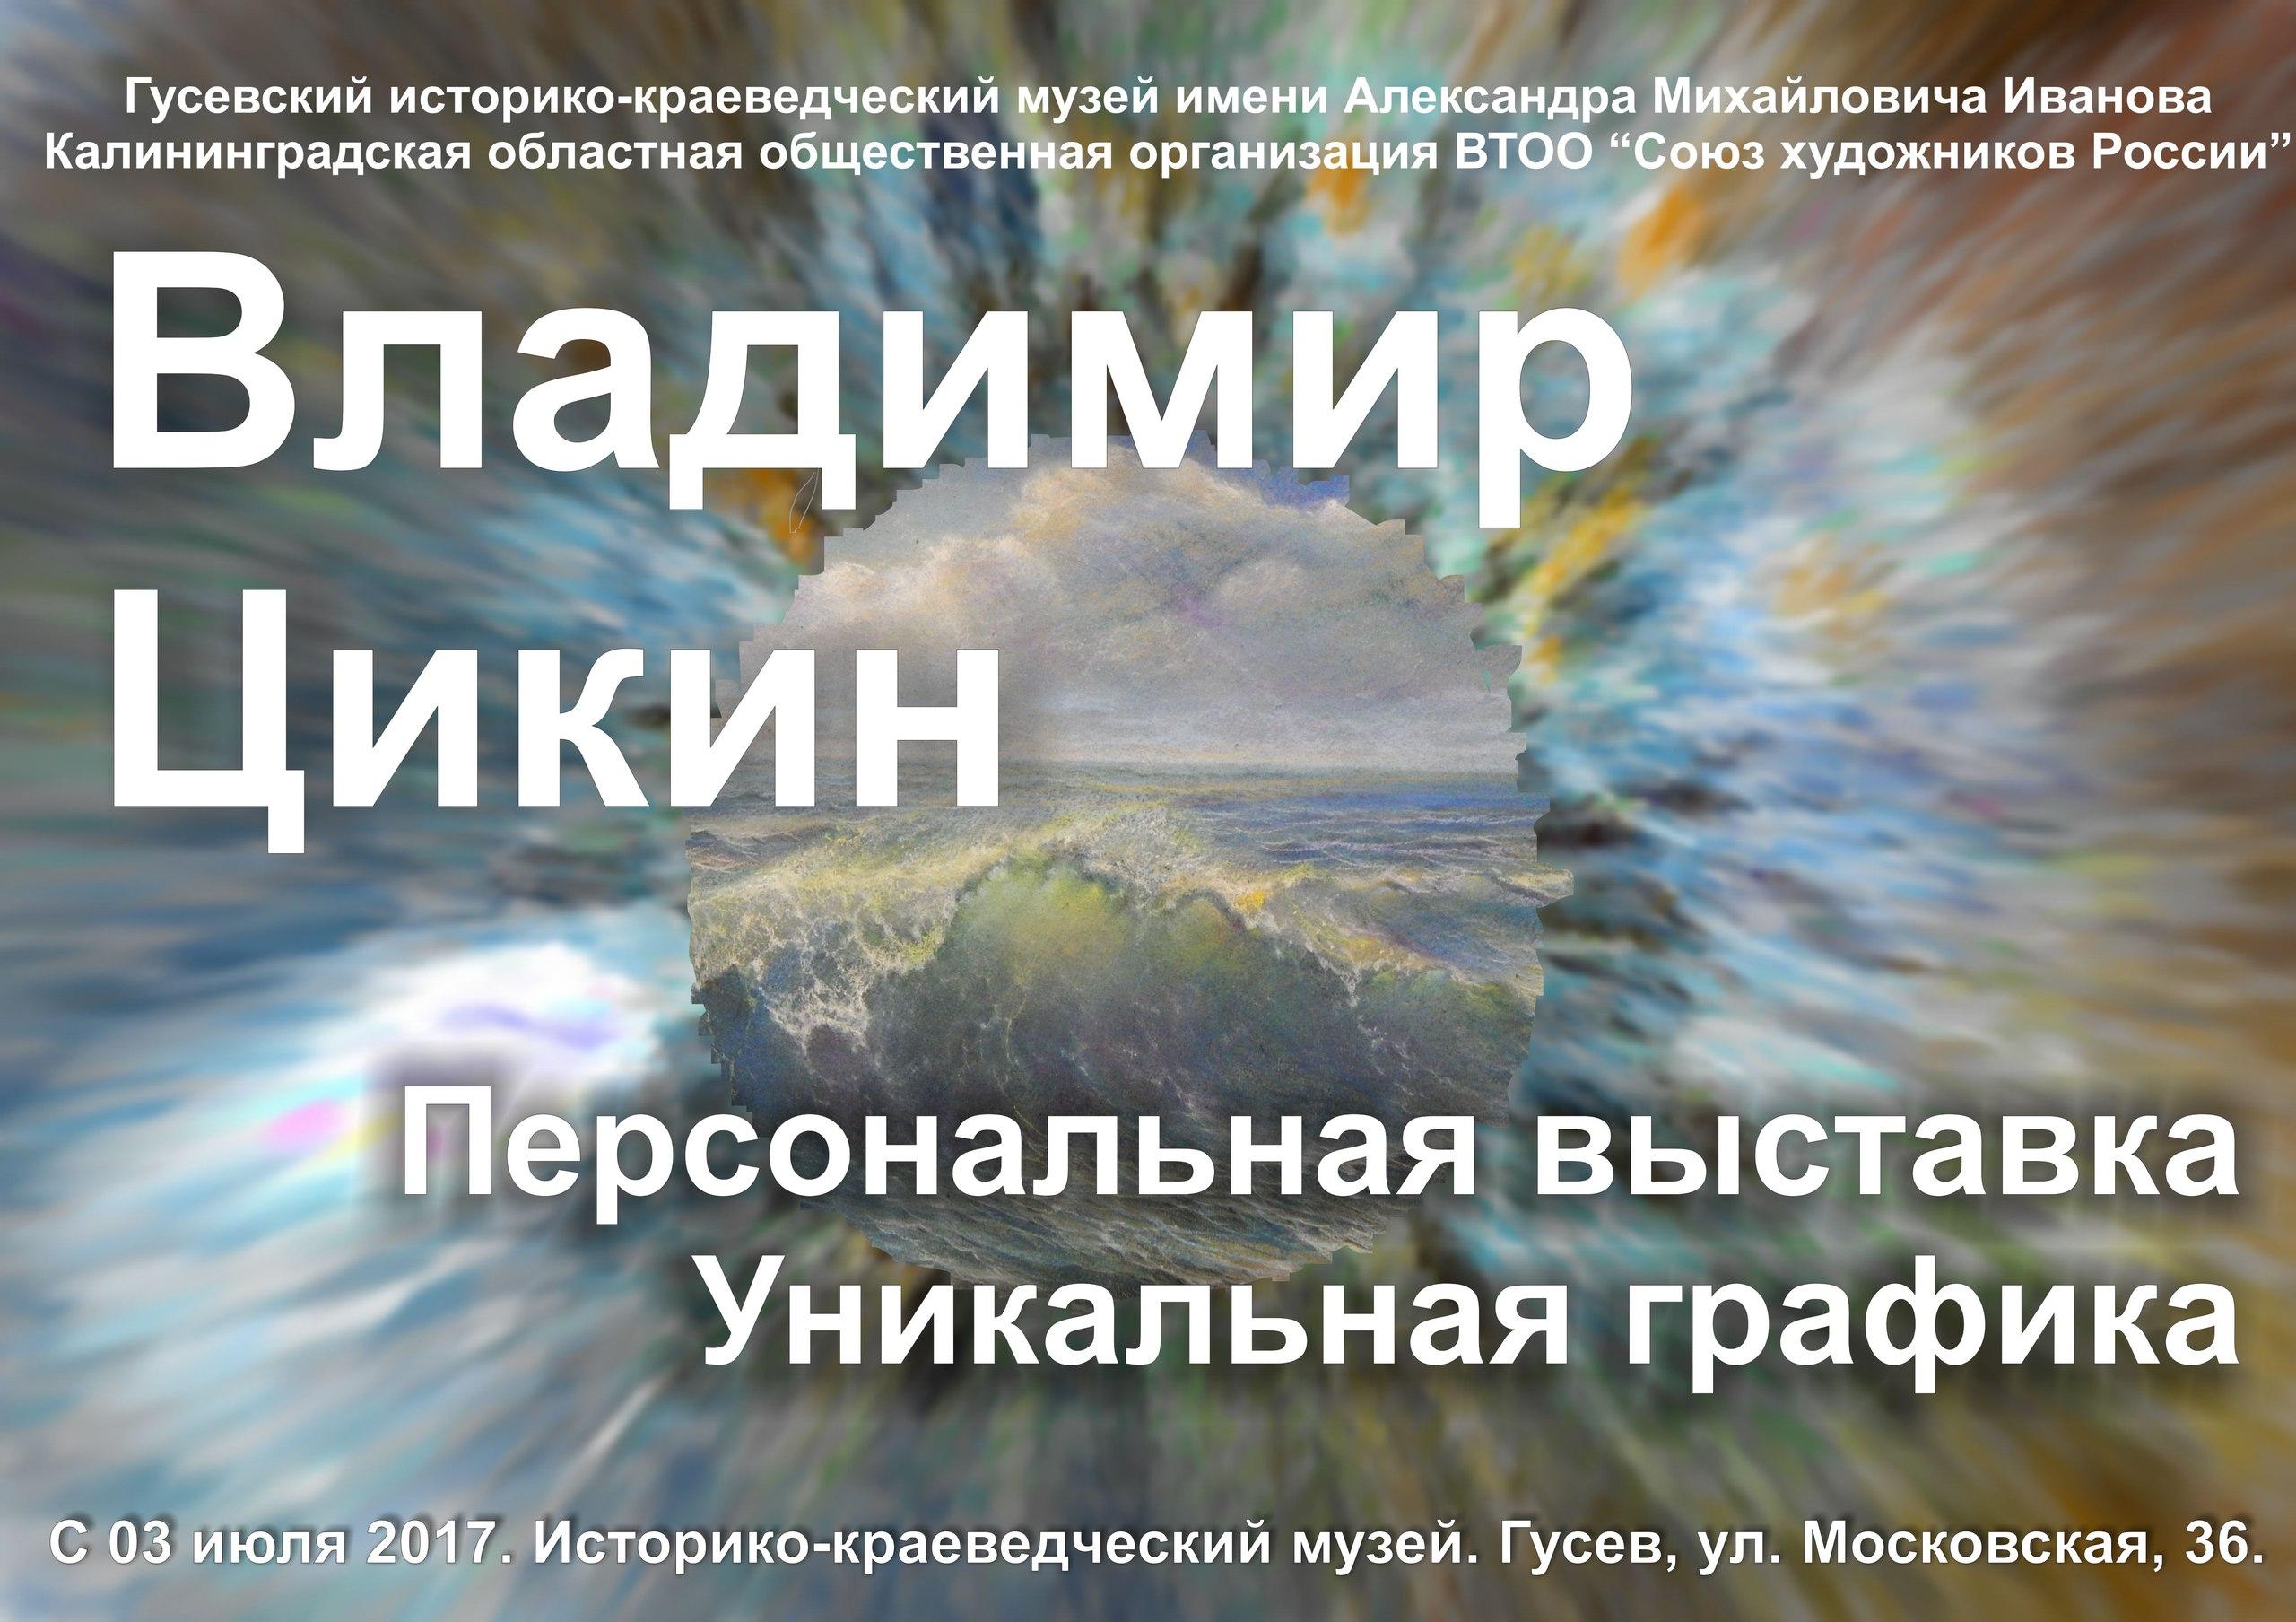 В Гусеве открывается персональная выставка Владимира Цикина «Уникальная графика»